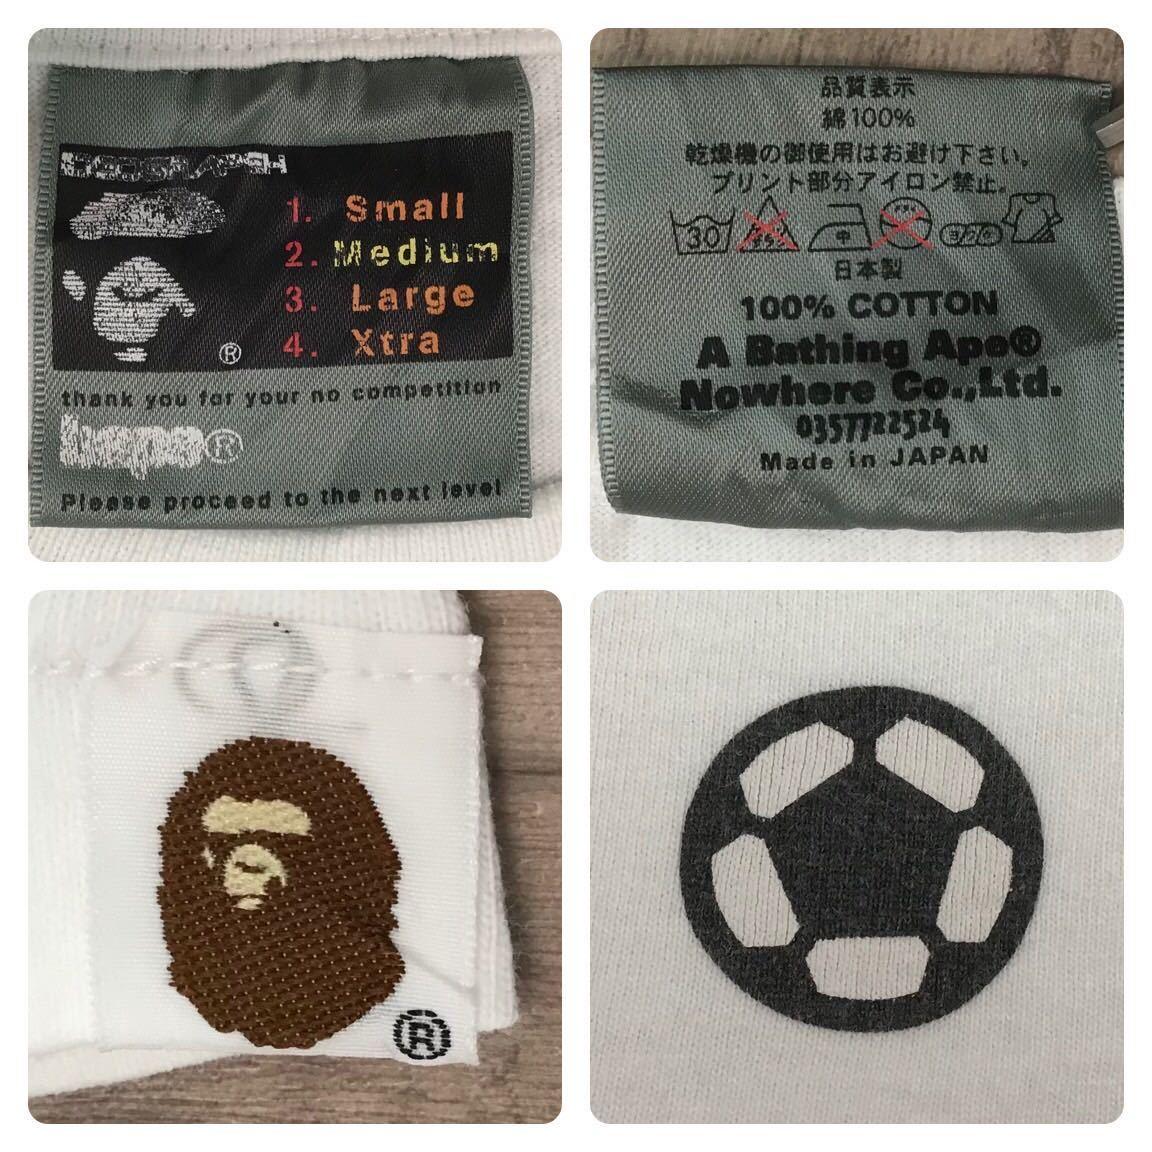 2002年 nakata.net × bape マイロ Tシャツ Mサイズ a bathing ape 中田英寿 soccer エイプ ベイプ アベイシングエイプ nigo サッカー milo